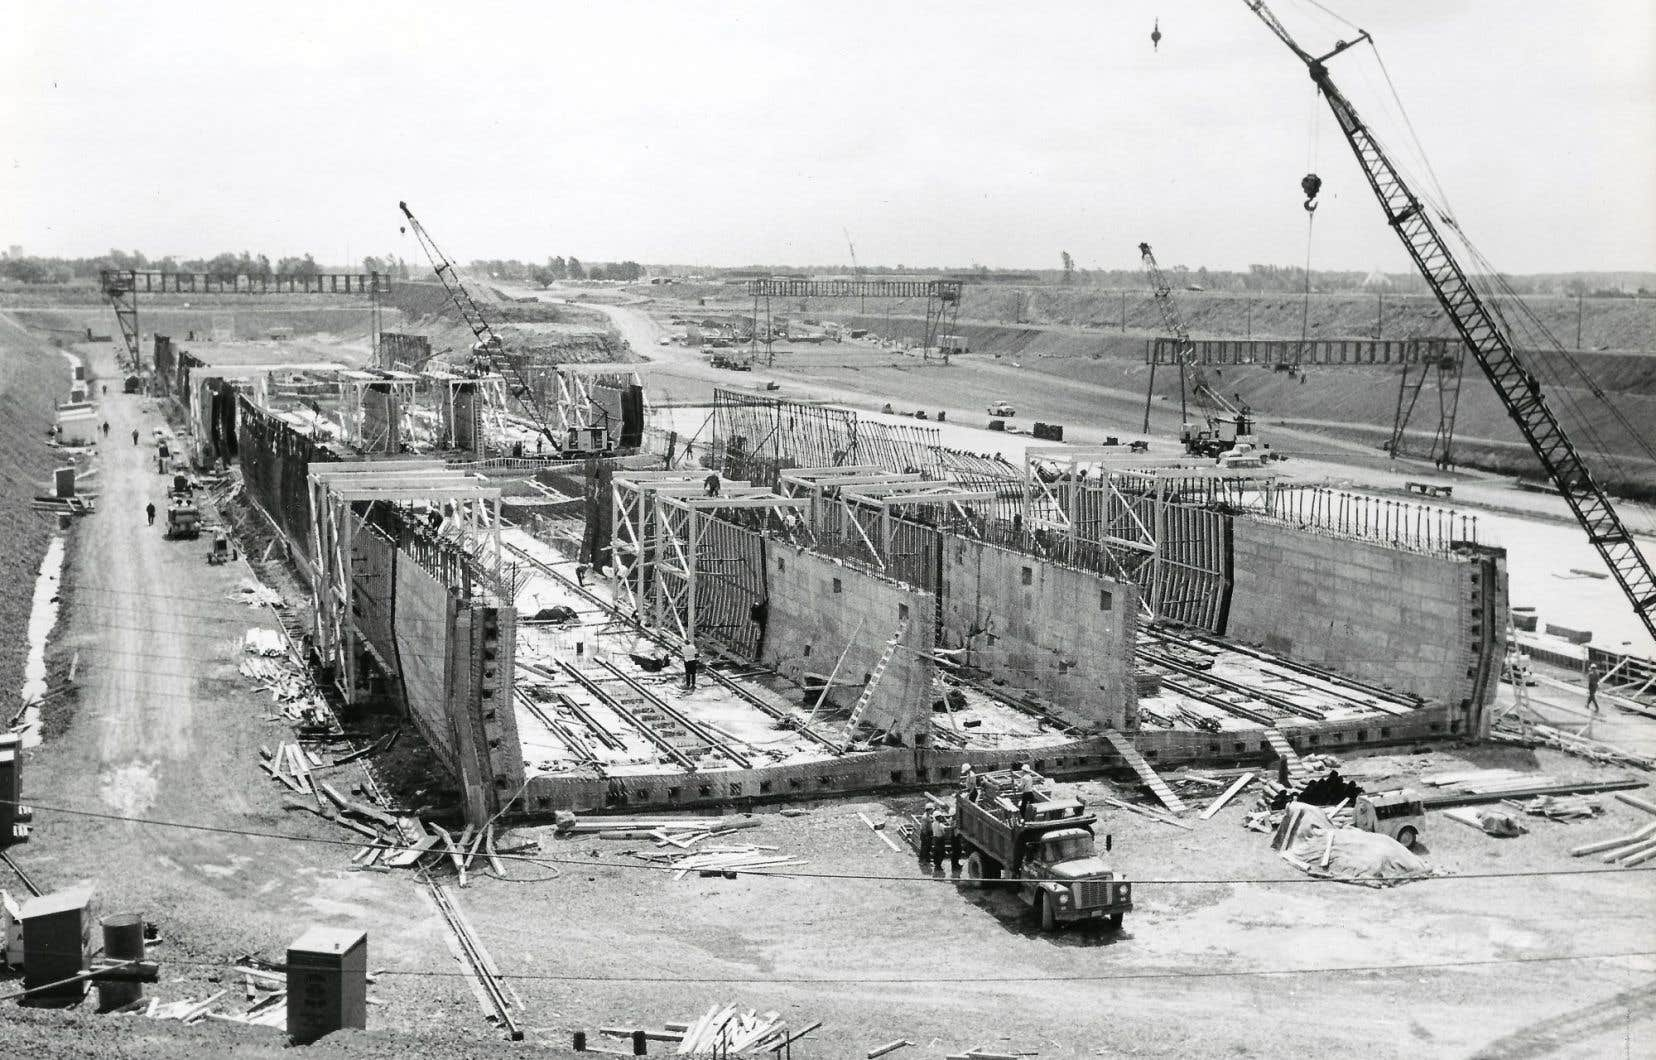 Construit dans la foulée des grands travaux mis en branle pour l'Exposition universelle de Montréal, le tunnel Louis-Hippolyte-La Fontaine a été achevé en mars1967.